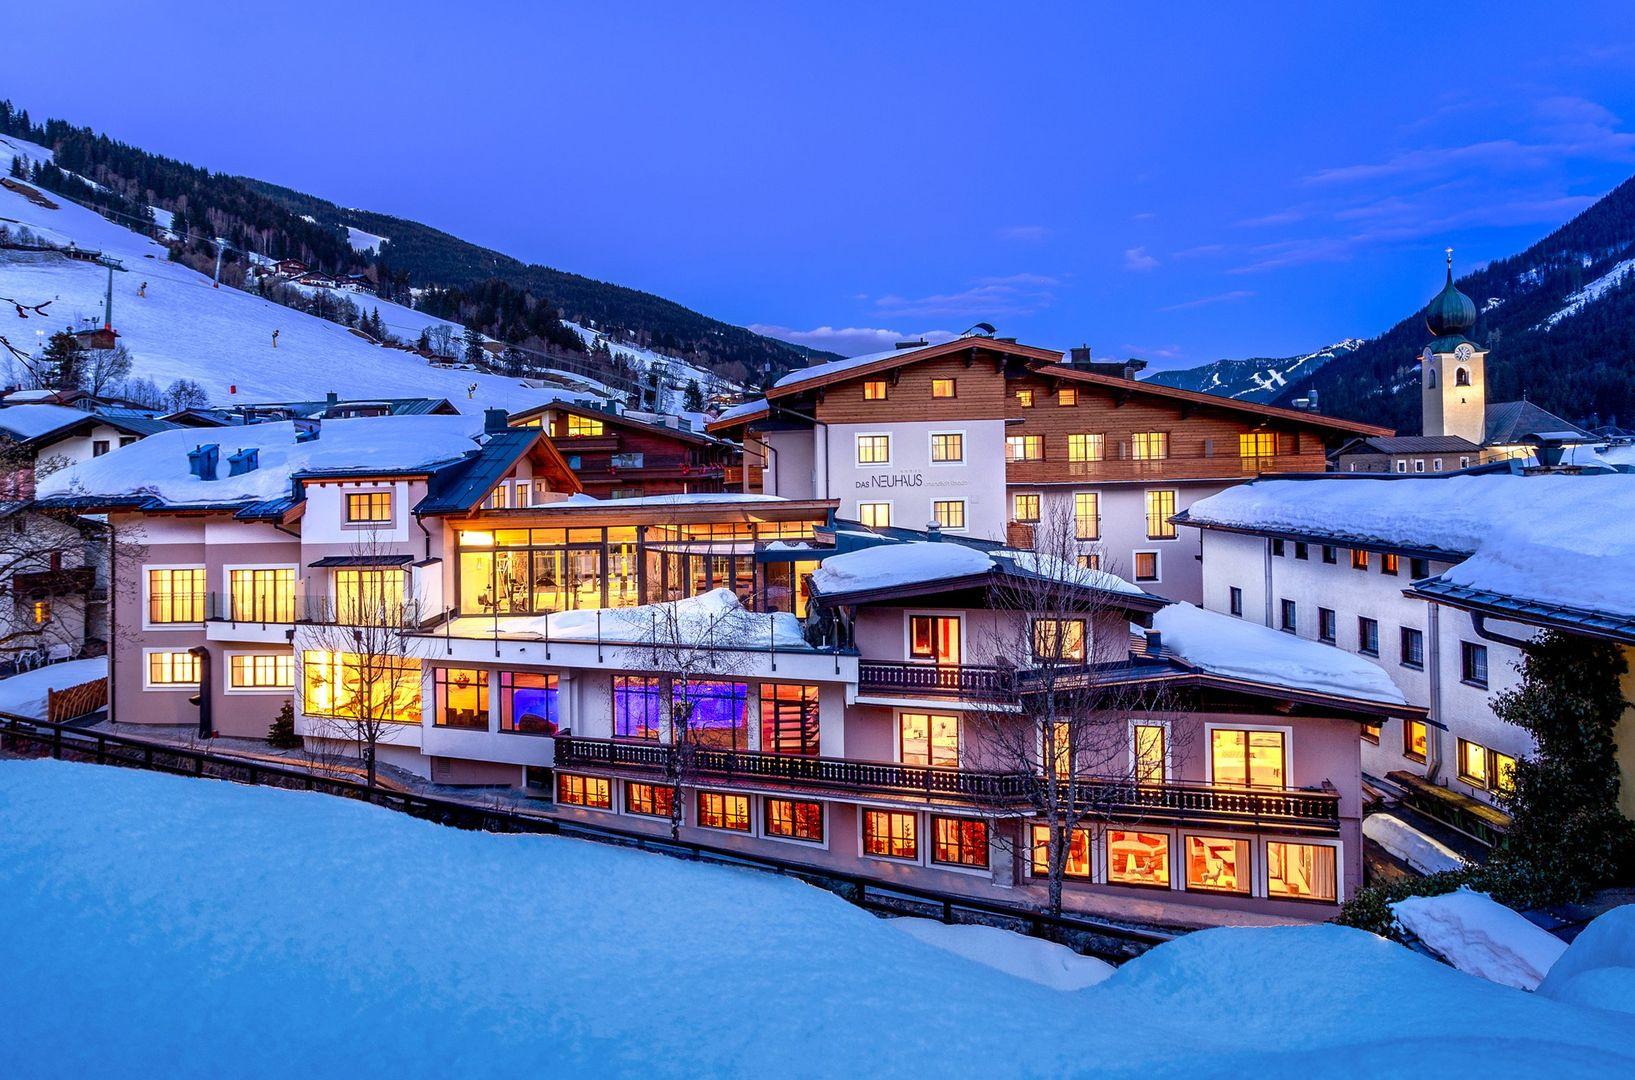 Hotel Das Neuhaus - Slide 1